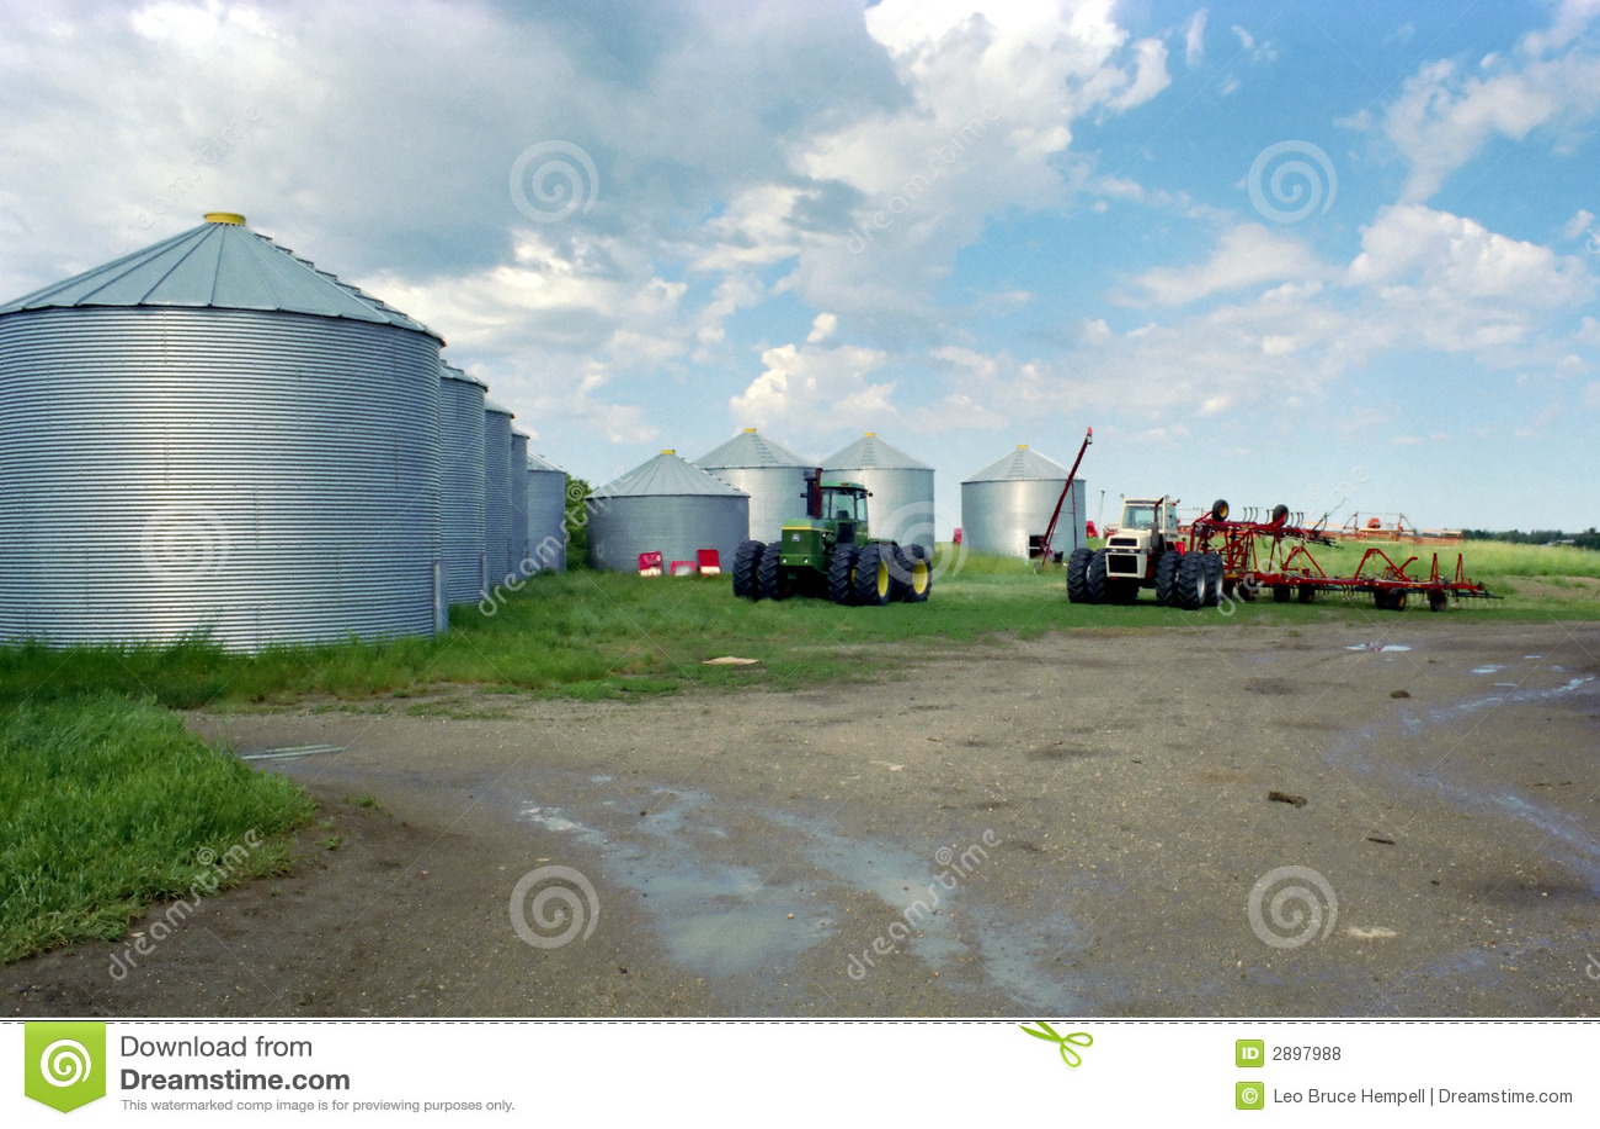 Saskatchewan Farm Canada